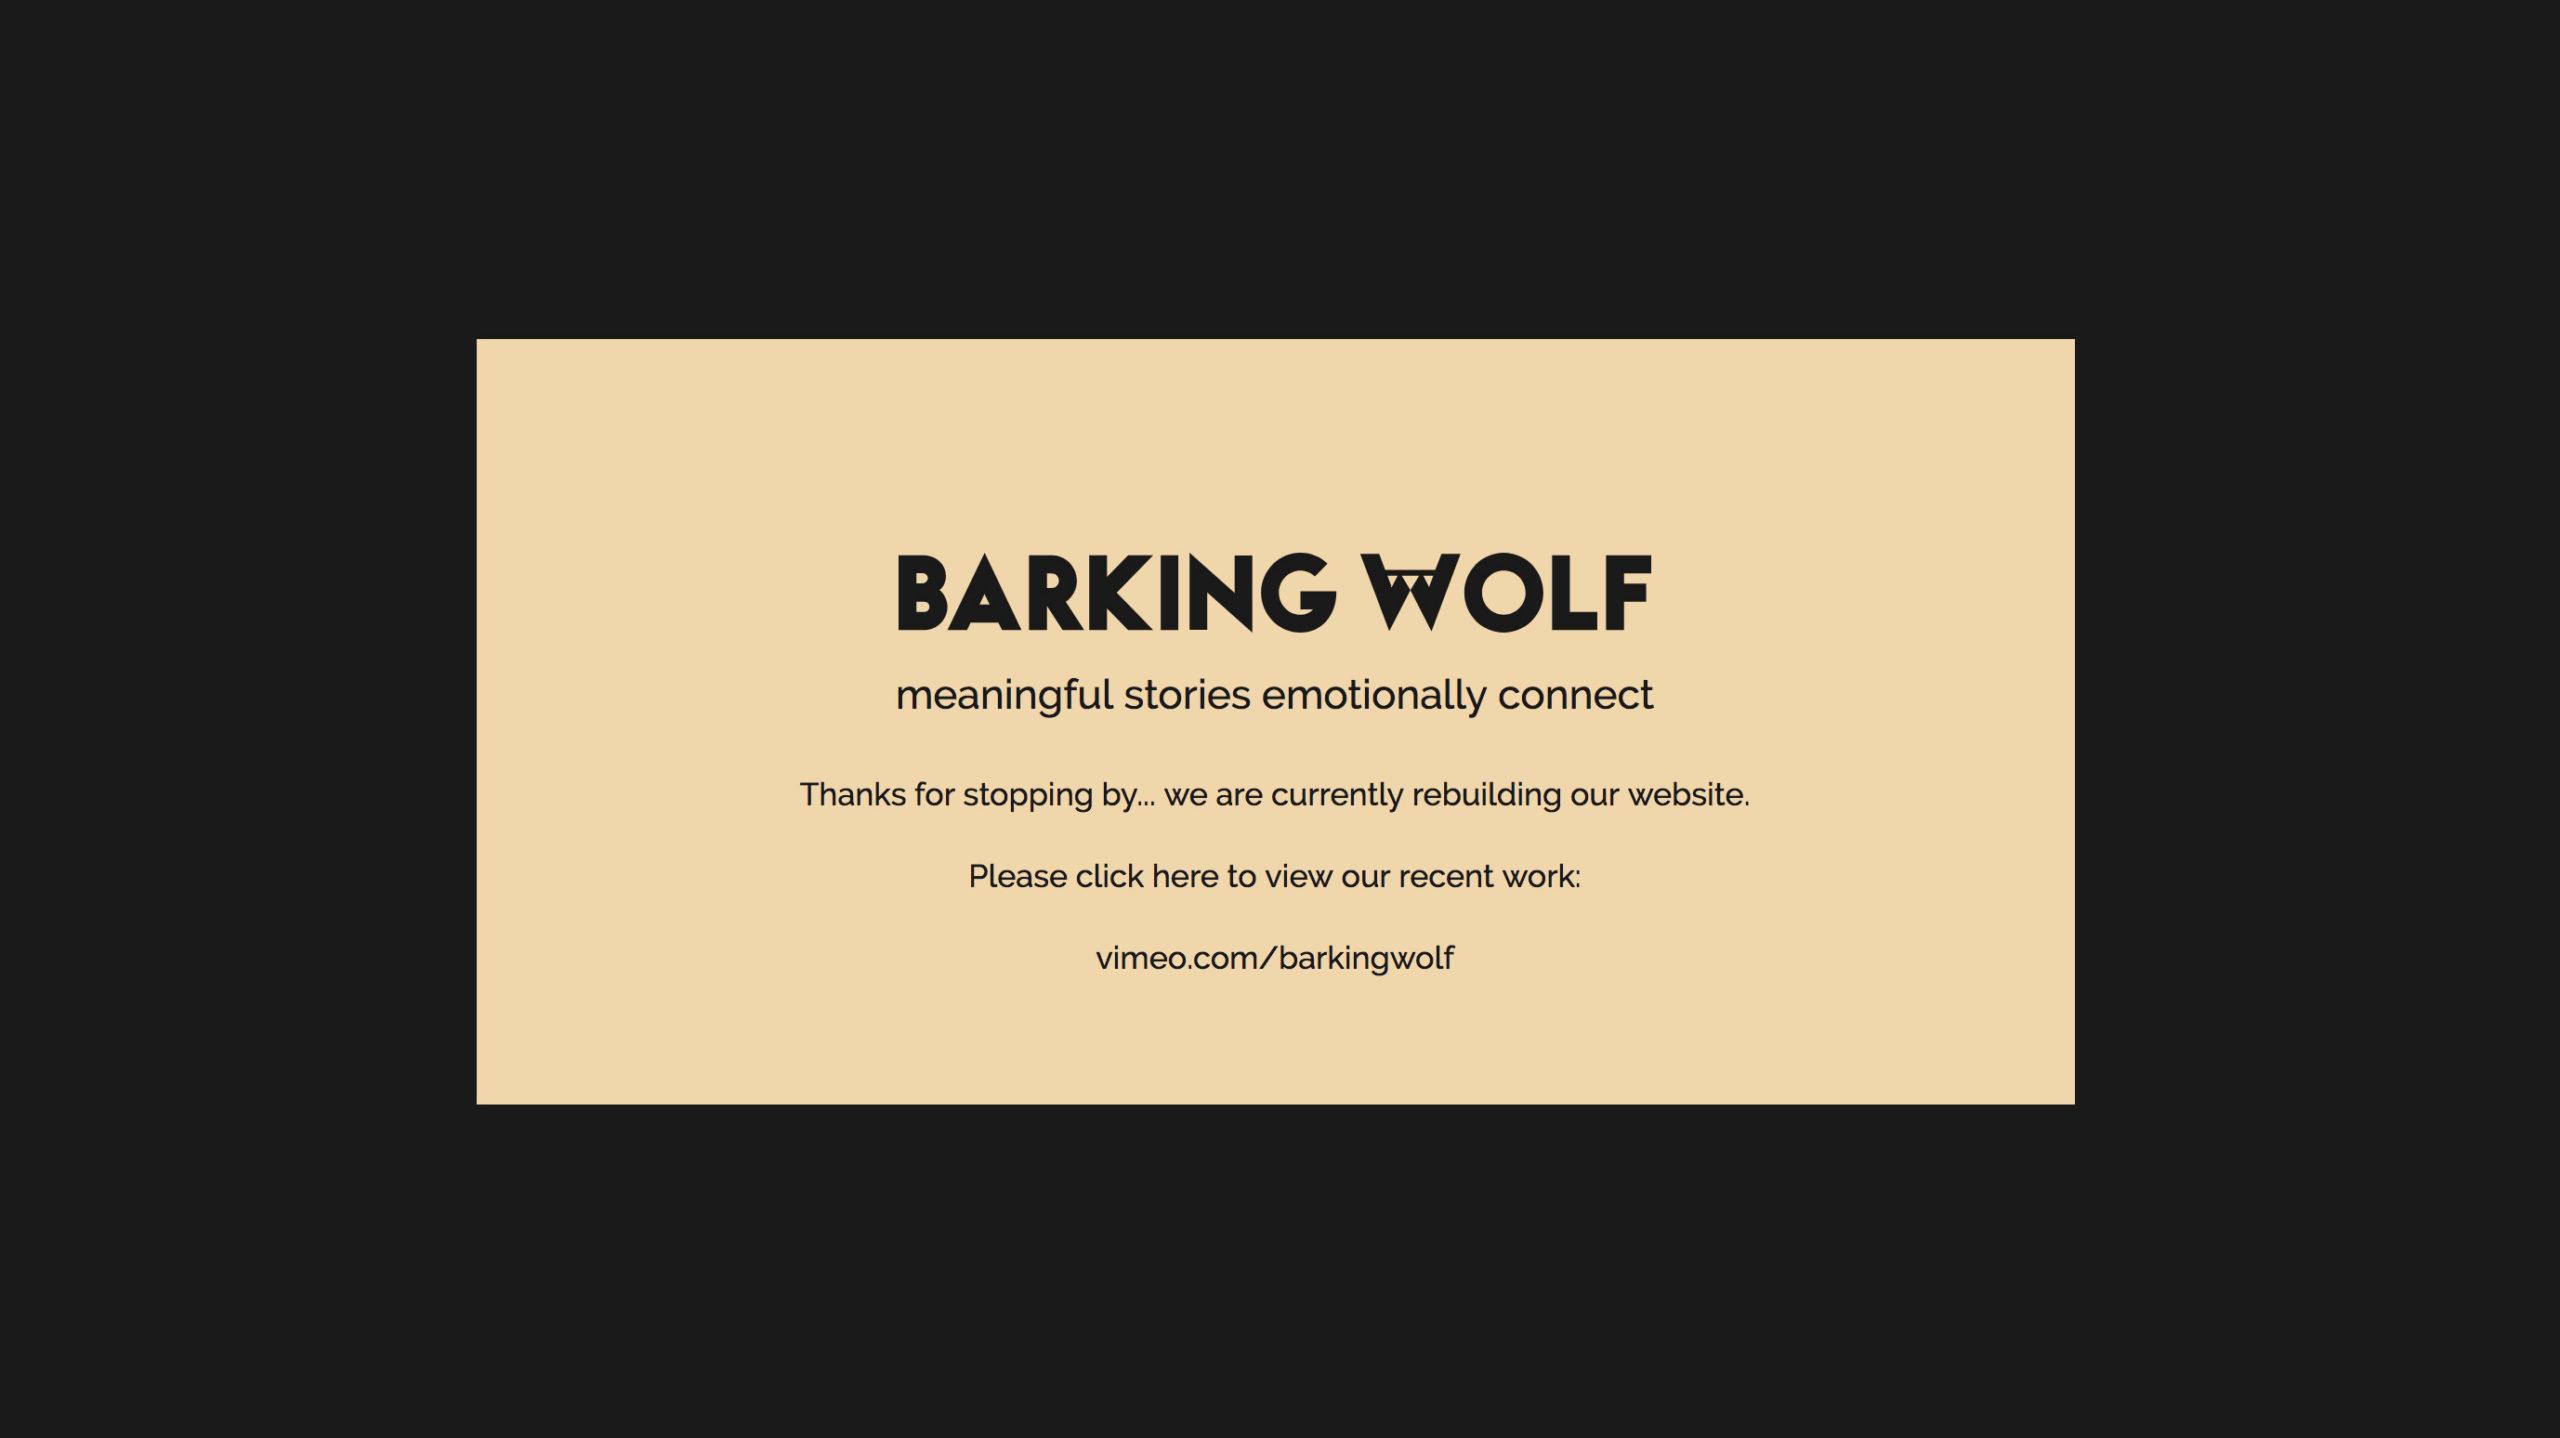 Barking-Wolf